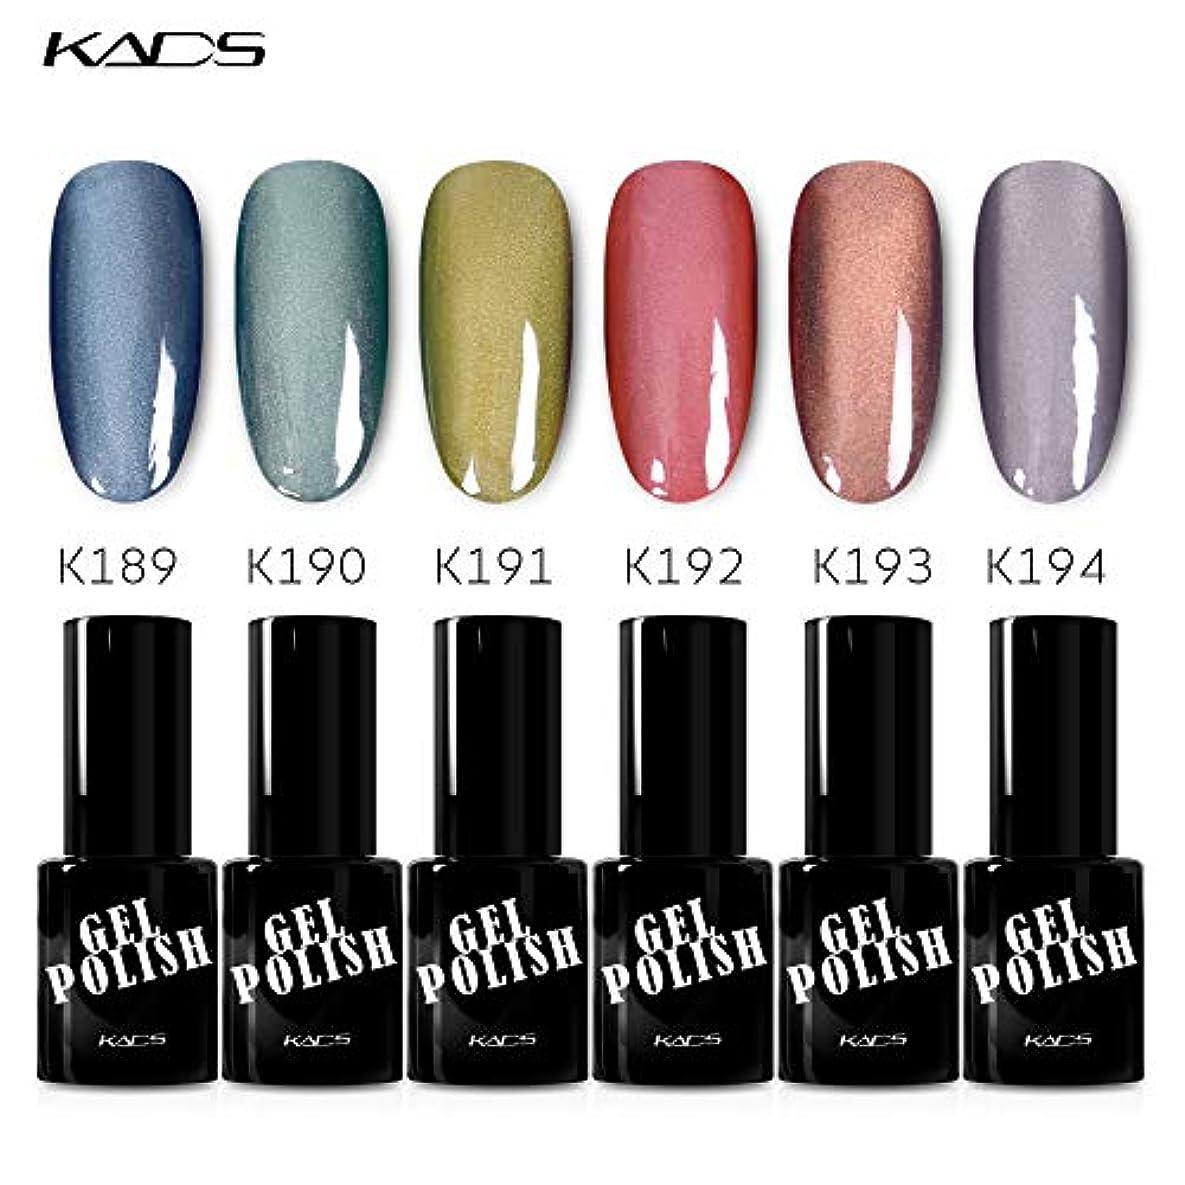 好きである日びんKADS ジェルネイルカラーポリッシュ キャッツアイジェル 6色入り グリーン/ピンク/グレー カラージェル UV/LED対応 艶長持ち(セット8)